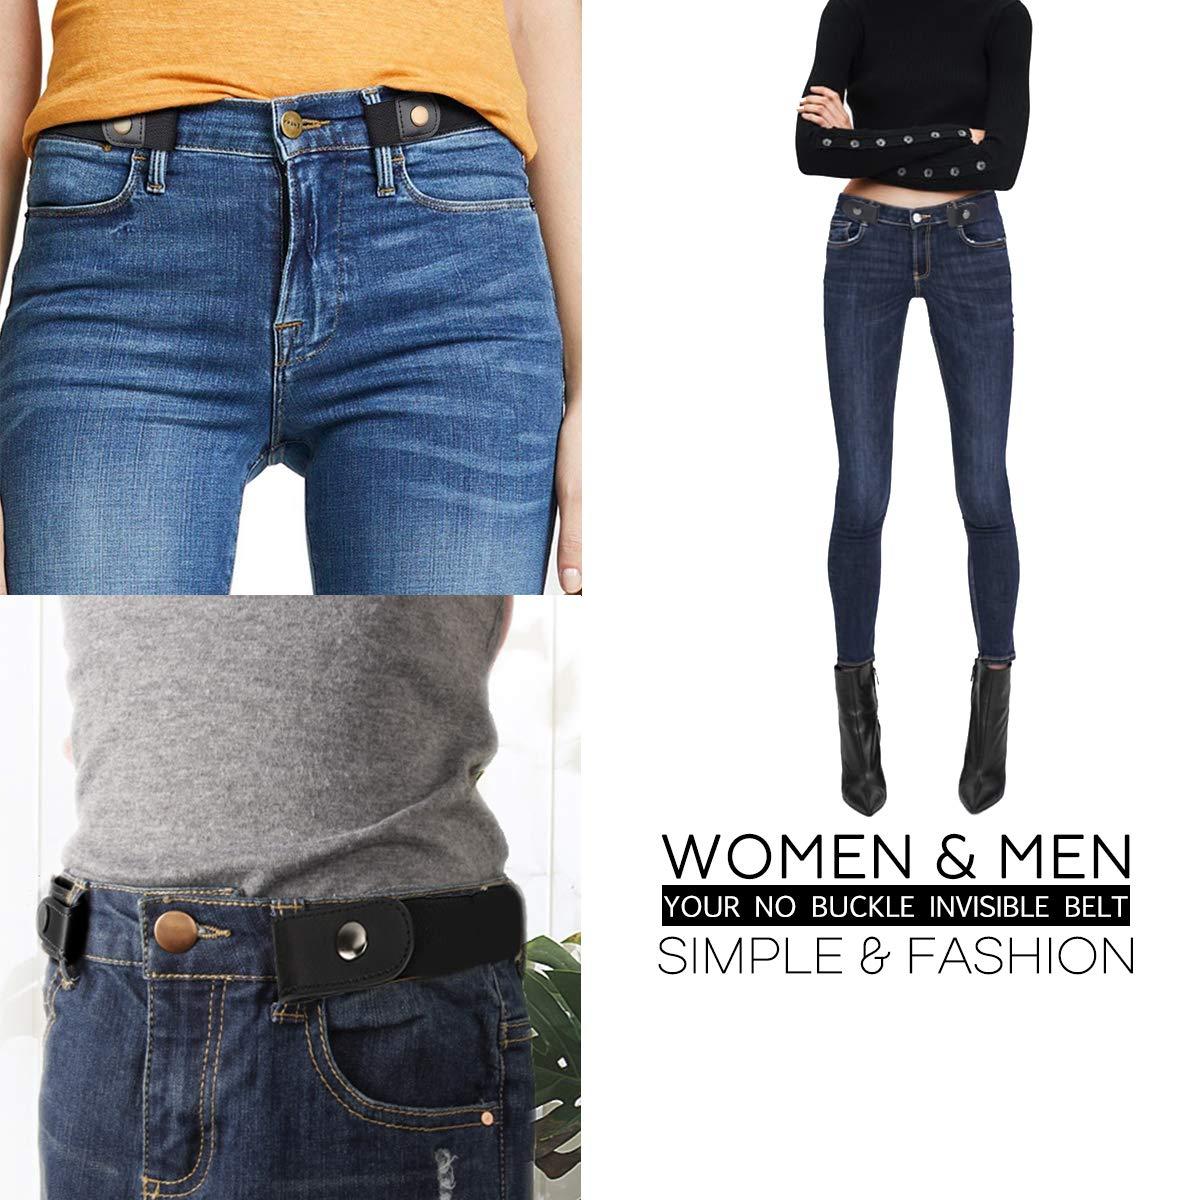 Ceinture sans boucle pour femme1, 25 Pantalon Jeans Ceinture élastique sans  boucle confortable Ceintures taille f551a8daeb4